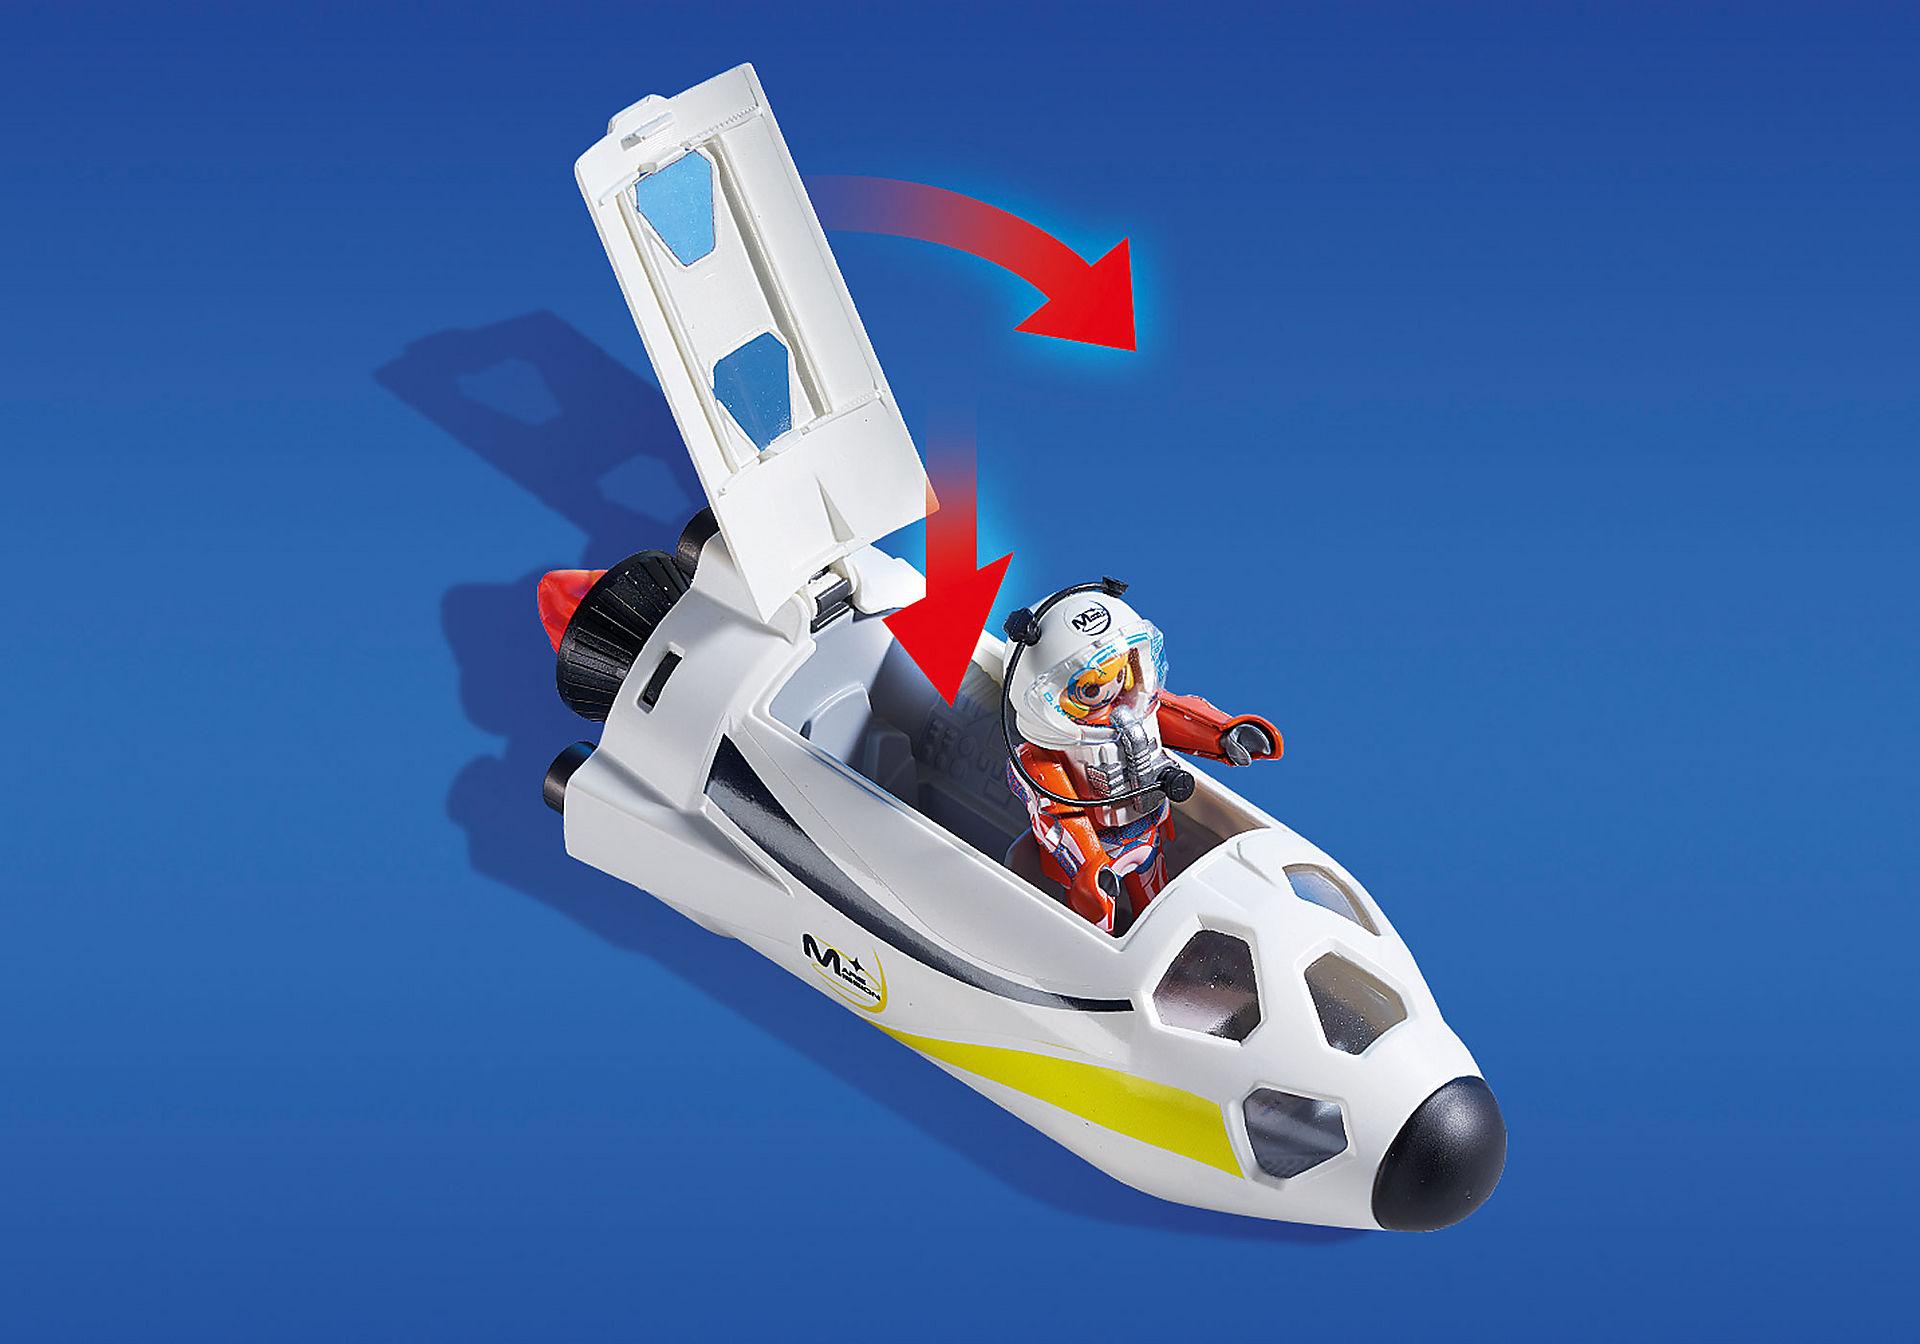 9488 Rakieta kosmiczna z rampą startową zoom image9